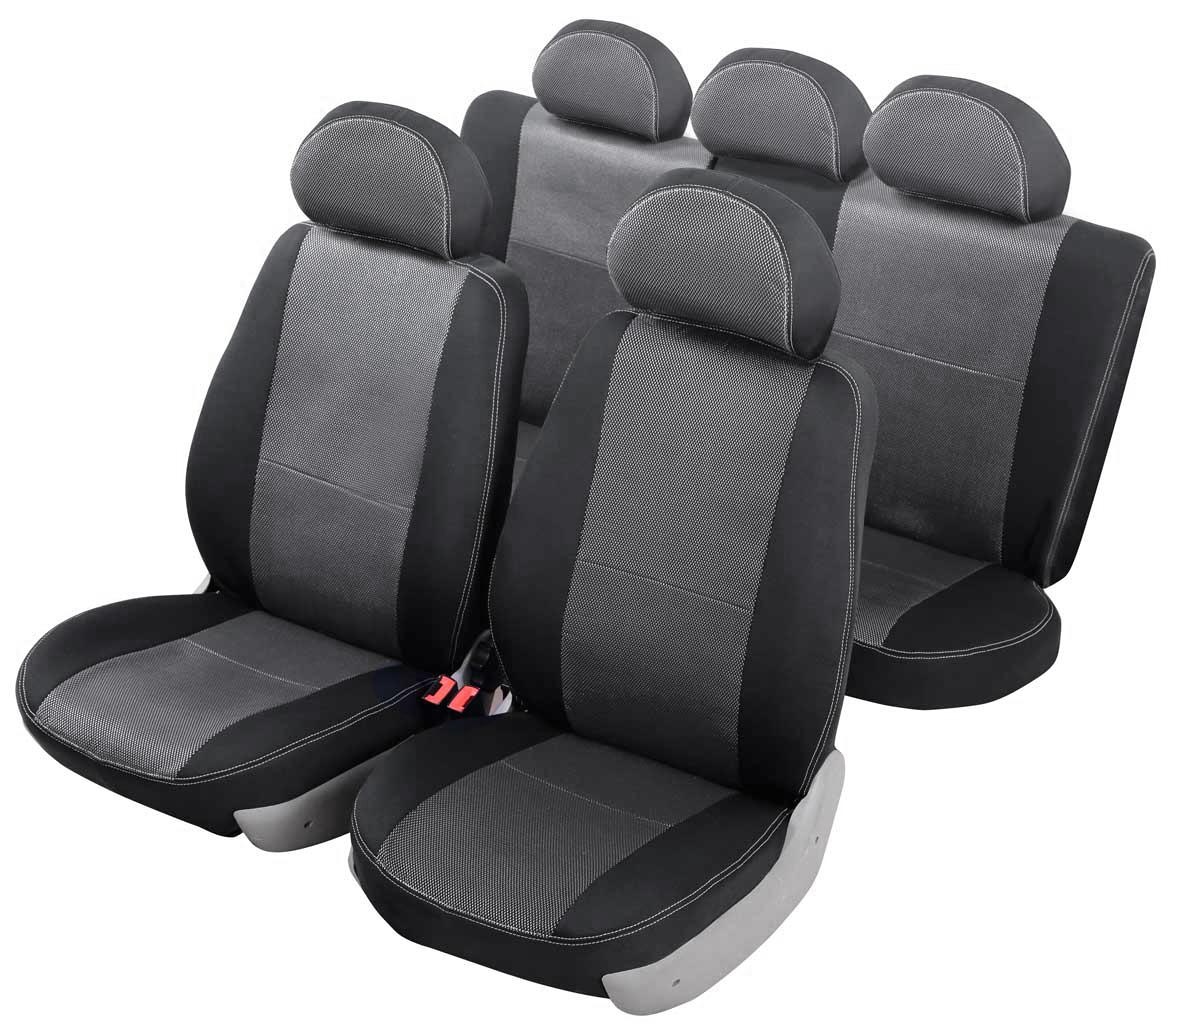 Чехол на автомобильное кресло Senator Dakkar DATSUN ON-DO 2014-н.в. седан, слит.зад.ряд, цвет: черныйS3010271Разработаны в РФ индивидуально для каждой модели автомобиля. Чехлы Senator Dakkar серийно выпускаются на собственном швейном производстве в России. Чехлы идеально повторяют штатную форму сидений и выглядят как оригинальная обивка сидений. Для простоты установки используется липучка Velcro, учтены все технологические отверстия. Чехлы сохраняют полную функциональность салона – трасформация сидений, возможность установки детских кресел ISOFIX, не препятствуют работе подушек безопасности AIRBAG и подогрева сидений. Дизайн чехлов Senator Dakkar приближен к оригинальной обивке салона. Чехлы имеют вставки из жаккарда по центру переднего сиденья и на подголовниках. Декоративная контрастная прострочка по периметру авточехлов придает стильный и изысканный внешний вид интерьеру автомобиля. Чехлы Senator Dakkar изготовлены из сверхпрочного жаккарда, триплированного огнеупорным поролоном толщиной 3 мм, за счет чего чехол приобретает дополнительную мягкость. Подложка из спандбонда сохраняет...